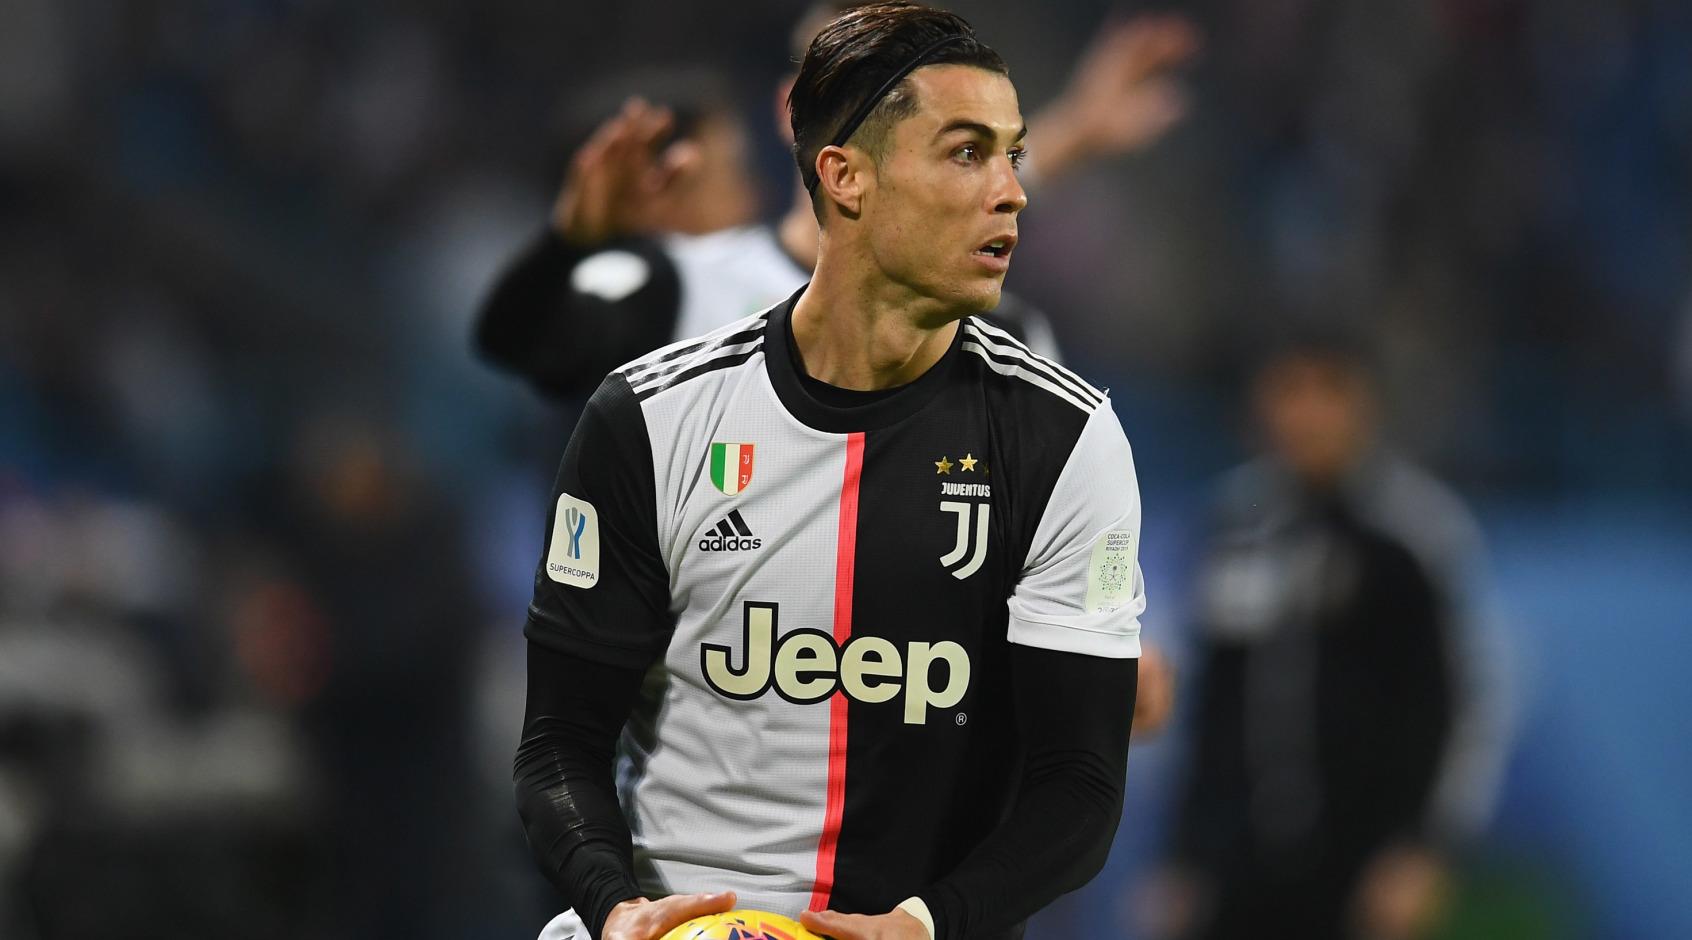 """Аллегри: """"Роналду выиграл пять """"Золотых мячей"""", у него куча денег, но он всегда умудряется ставить новые цели"""""""